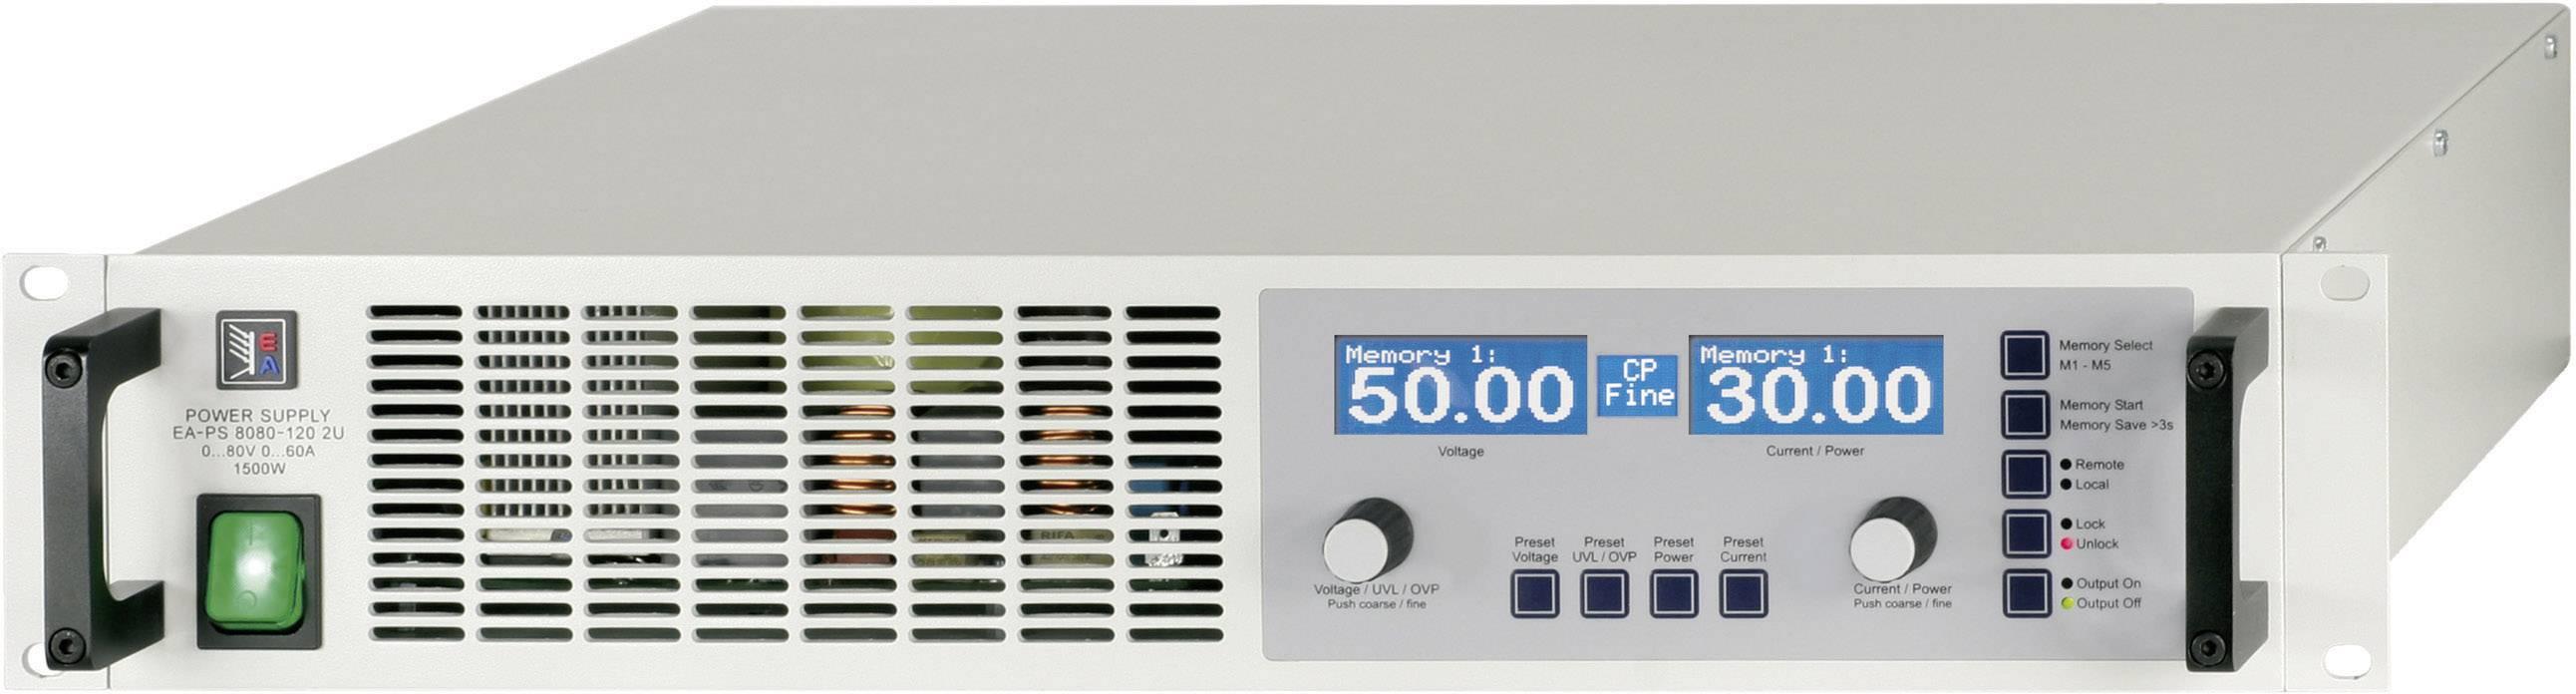 Nastaviteľný laboratórny zdroj EA-PS 8065-10, 0 - 65 V, 0 - 10 A